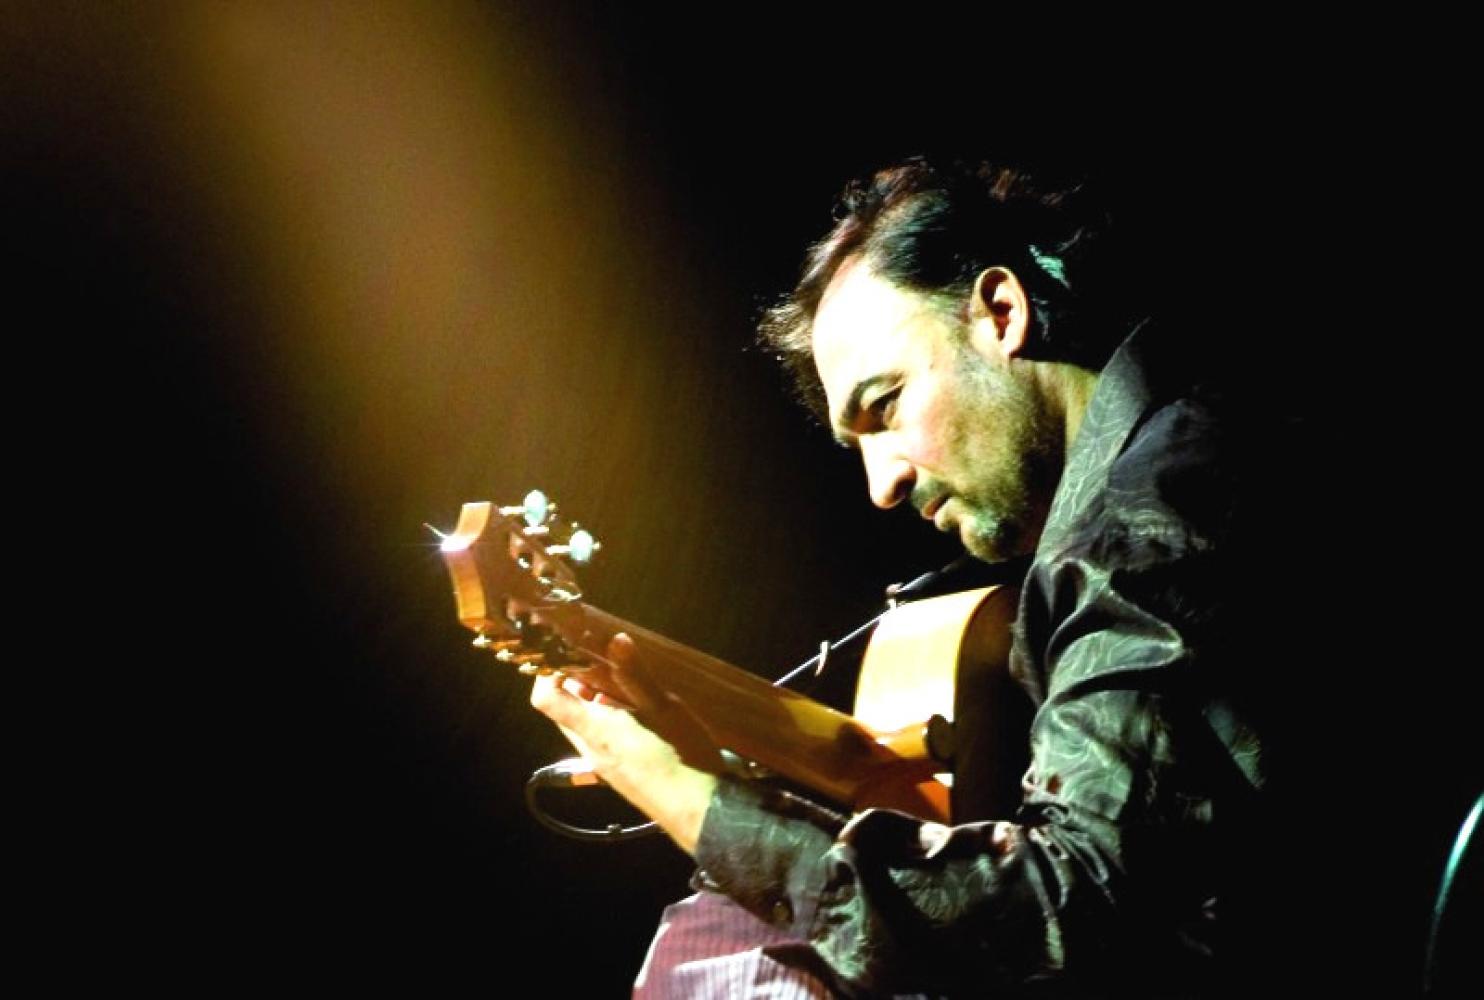 Juan Lorenzo playing the flamenco guitar